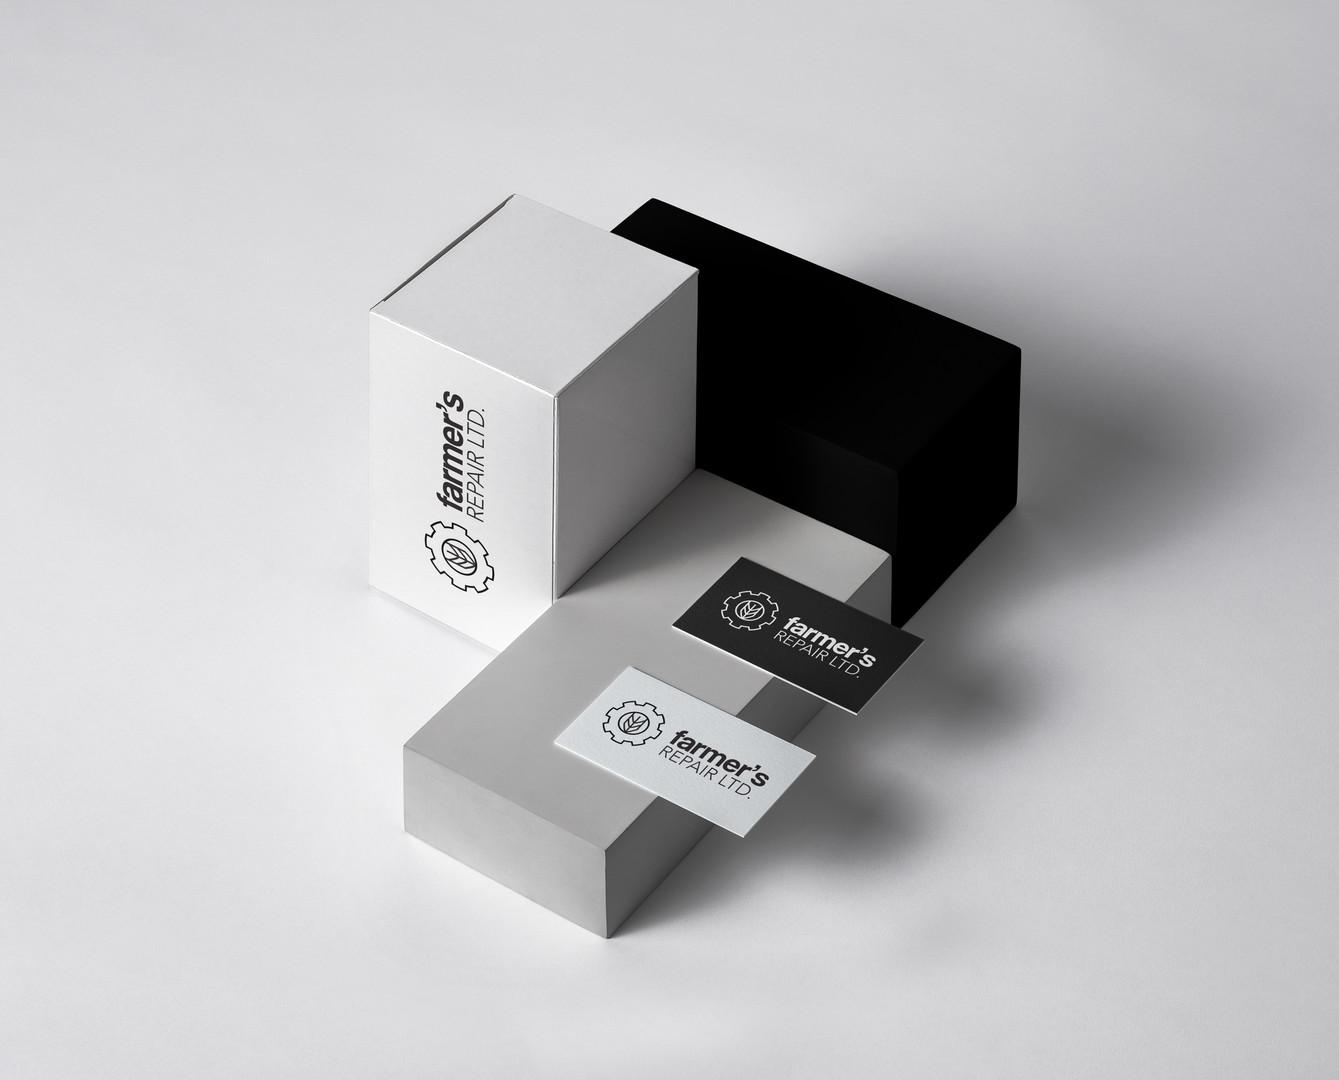 Famer's Repair Branding 01.jpg